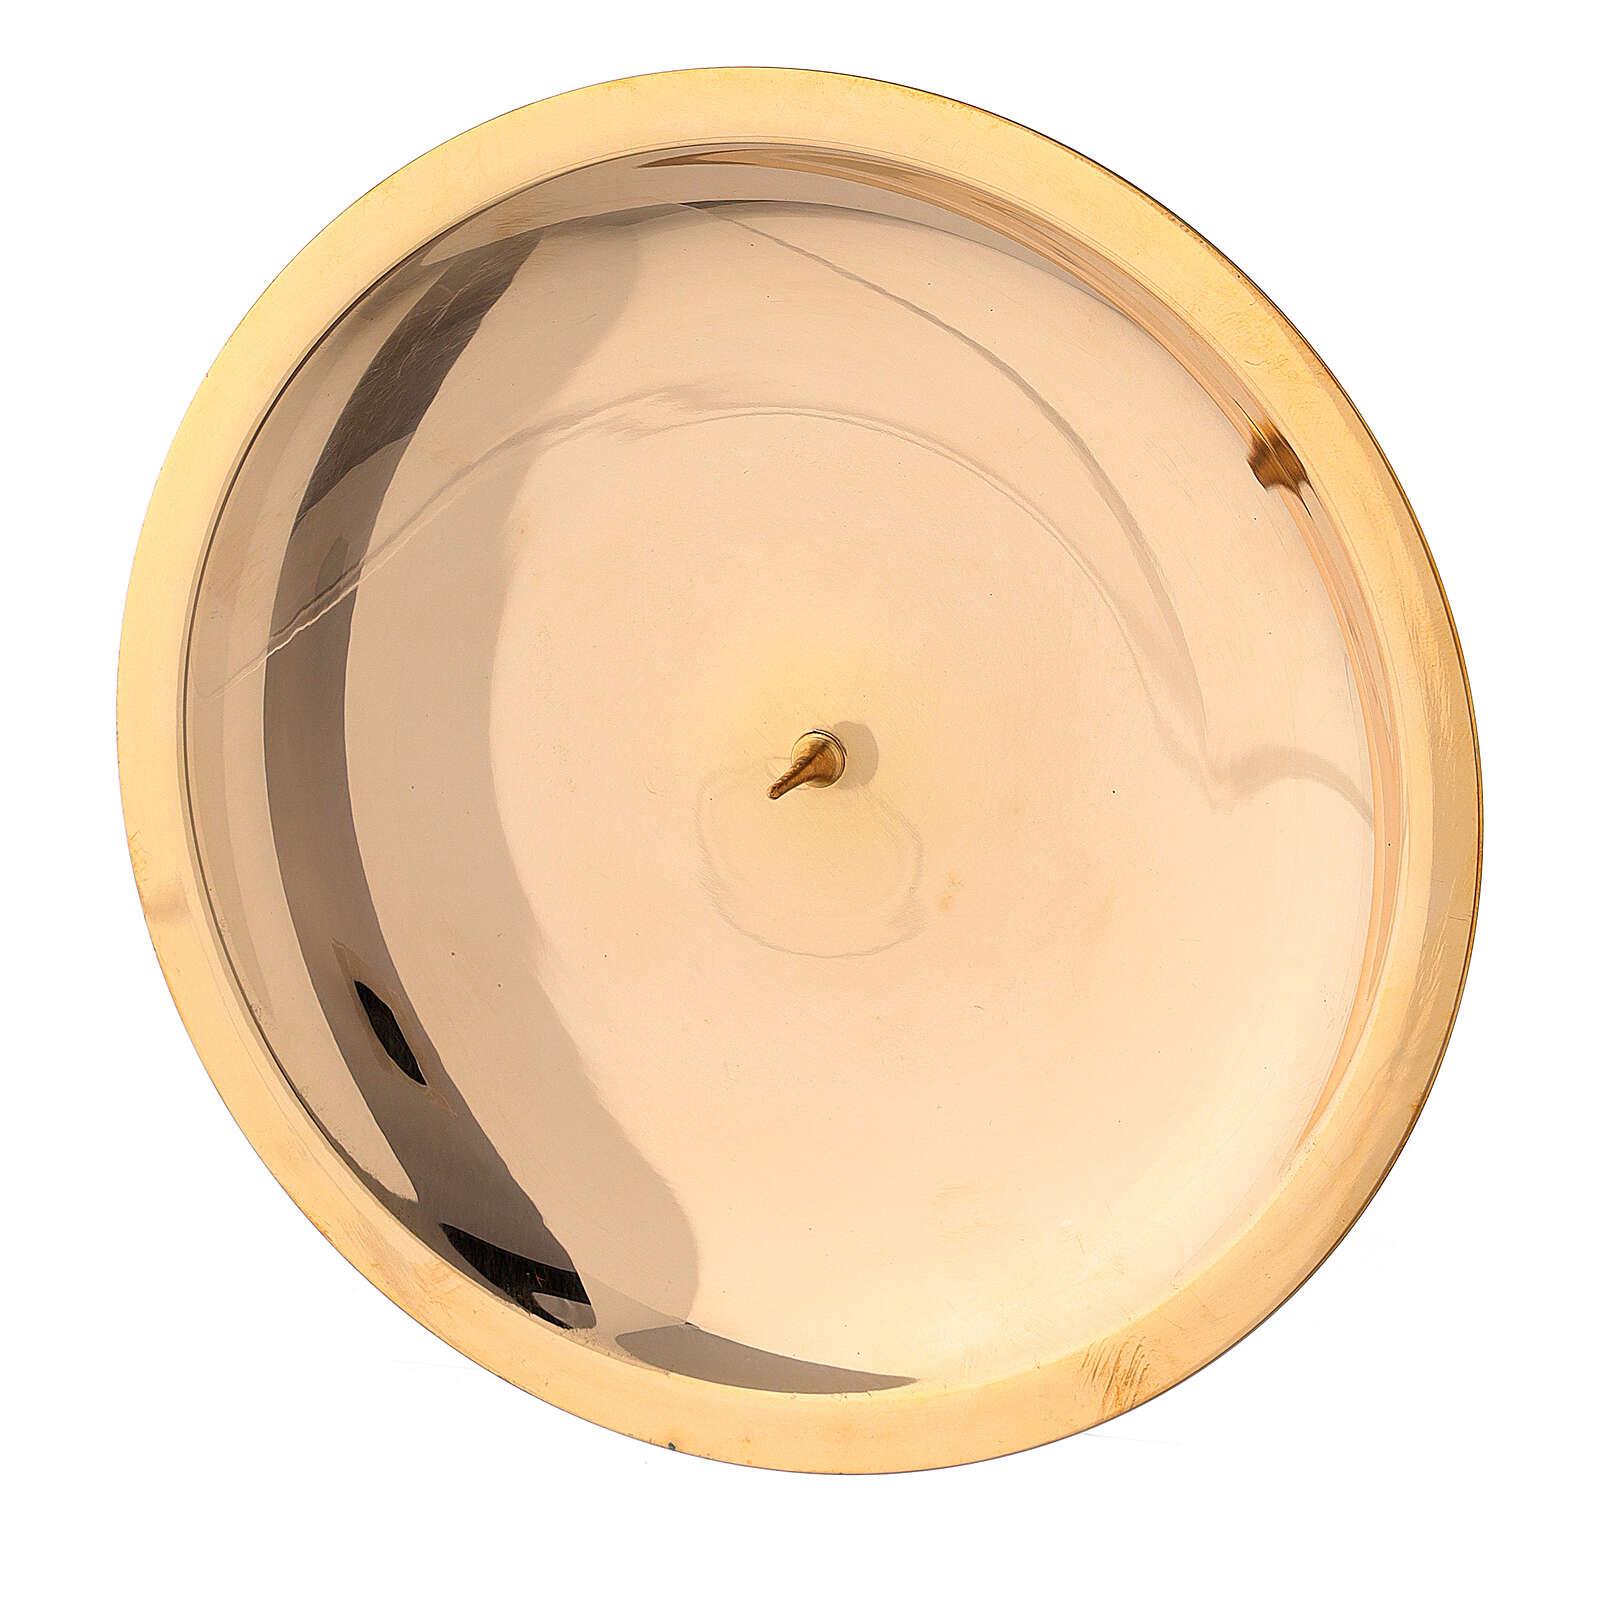 Piatto candela punzone ottone lucido 13 cm 4